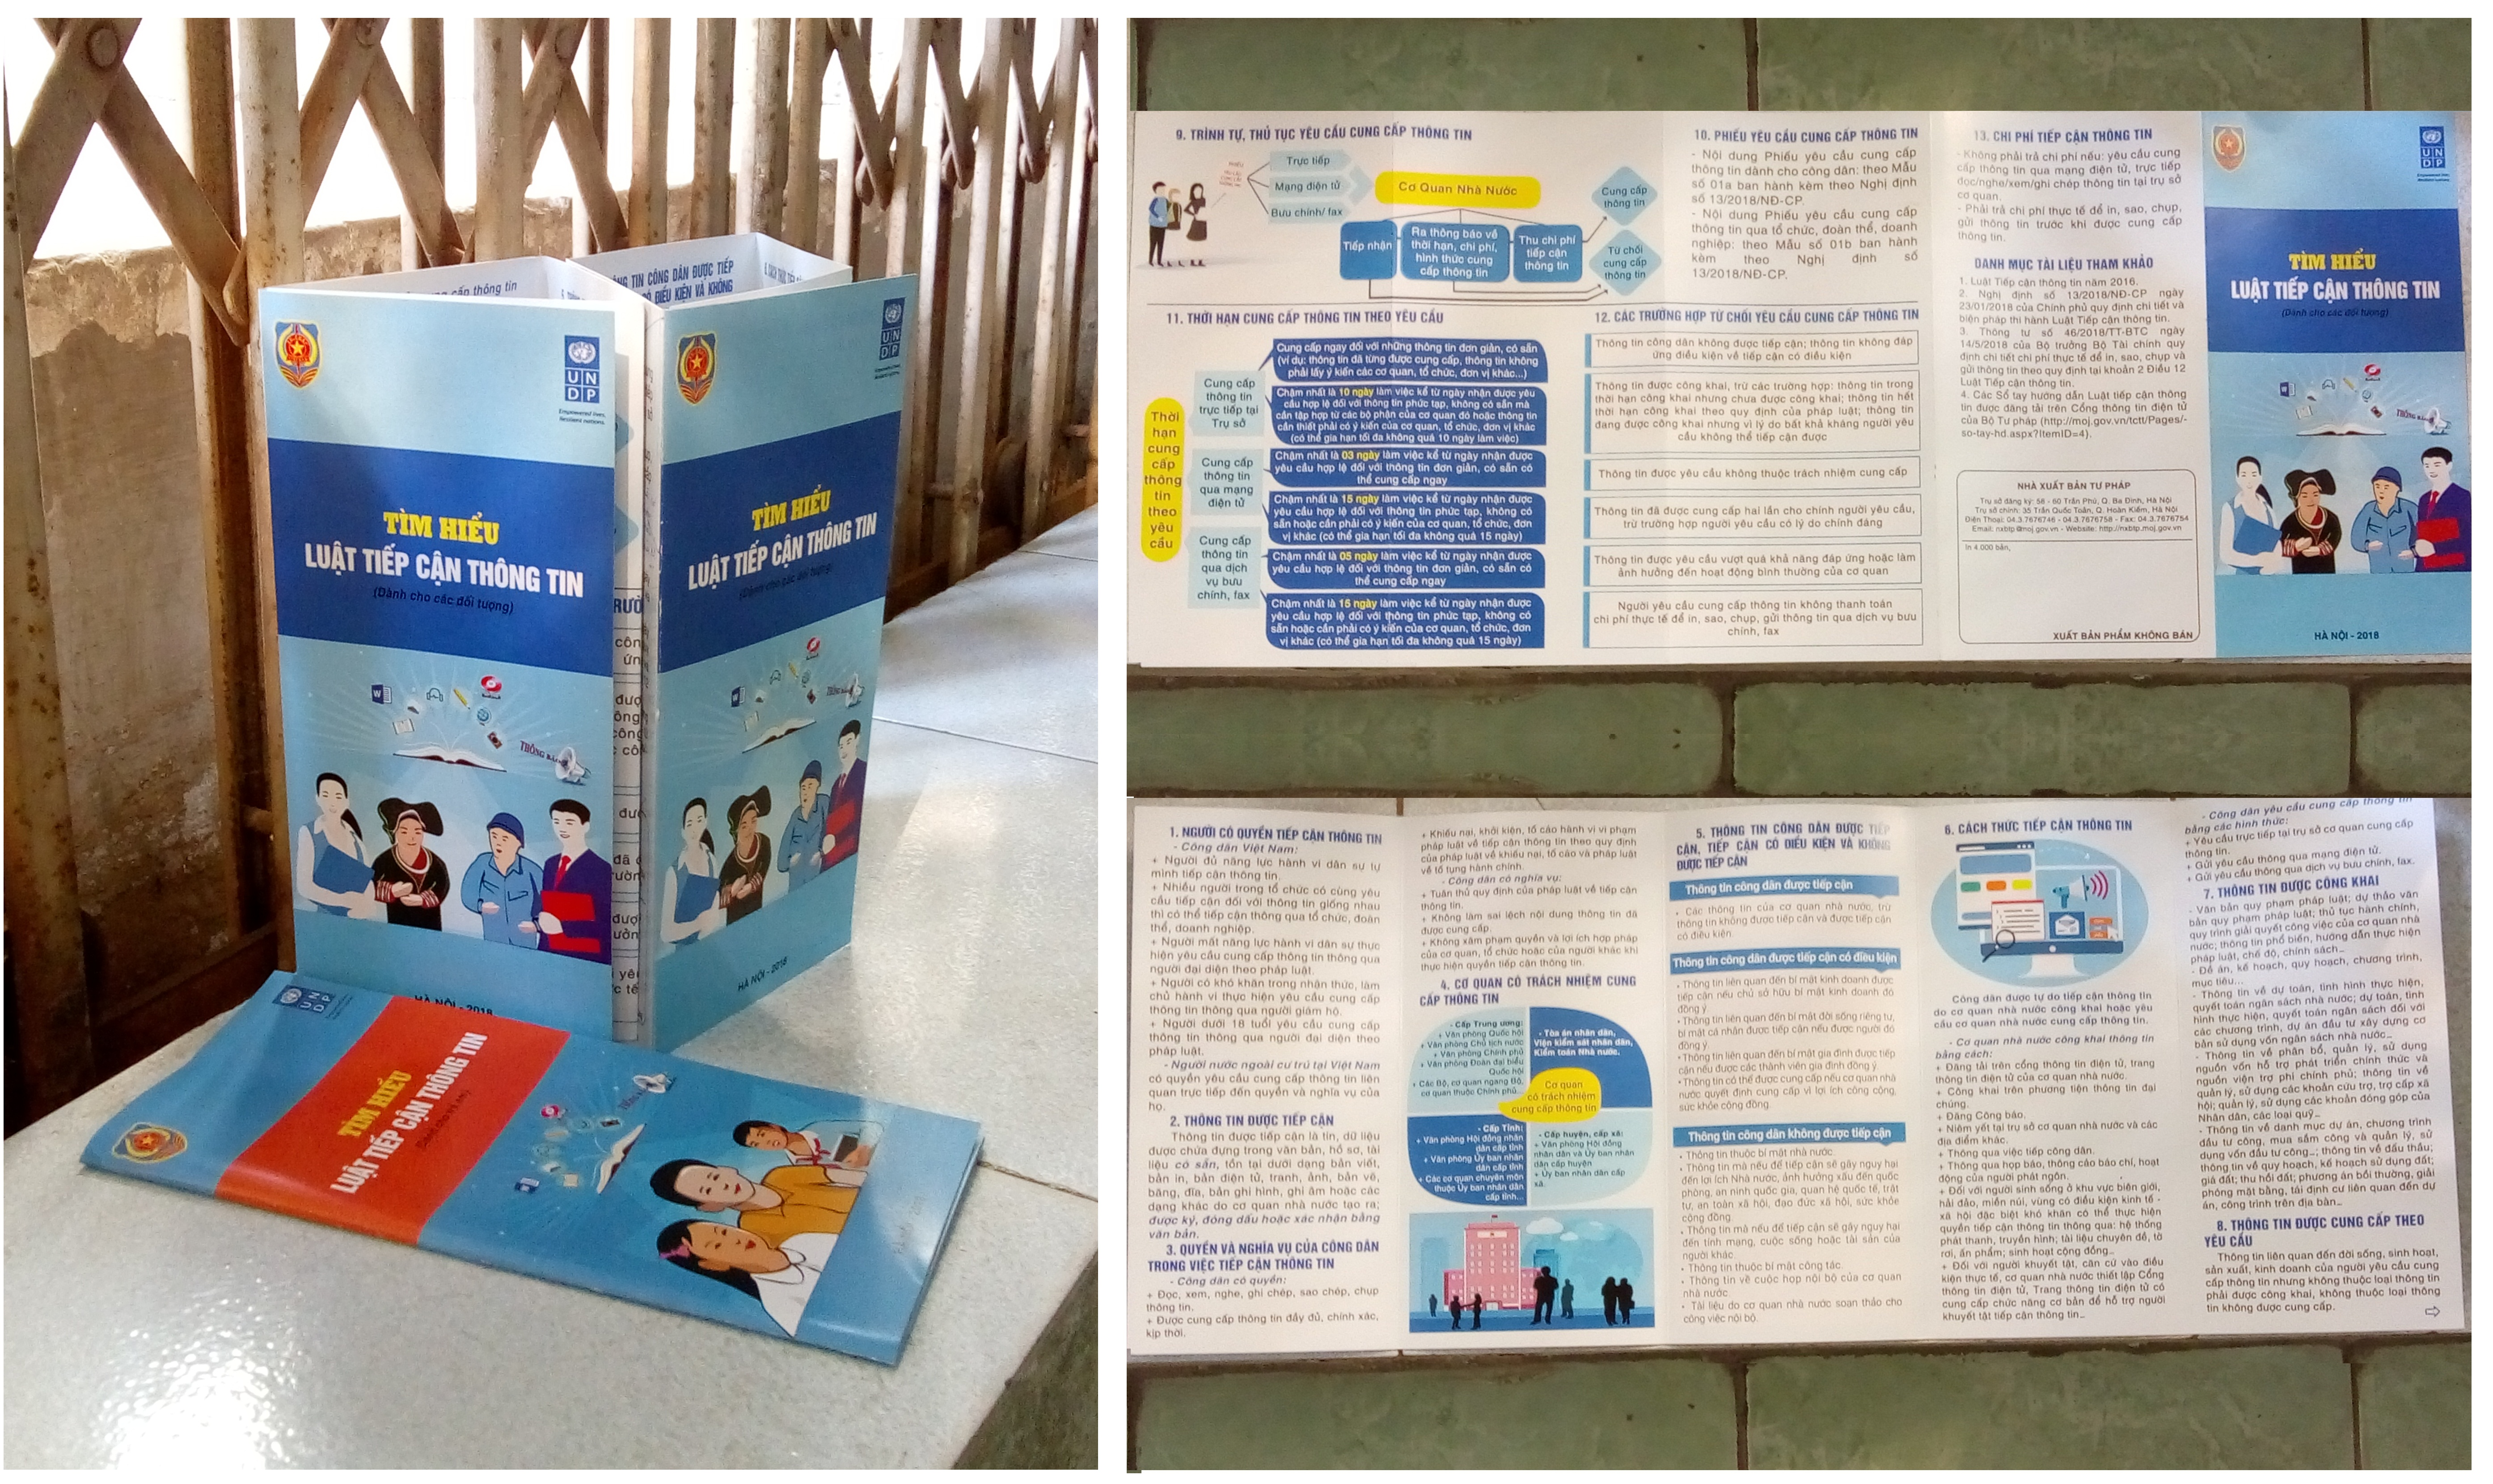 Các tờ gấp phiên bản hai vào tháng 12/2018 với 2 ấn phẩm cho các đối tượng và trẻ em